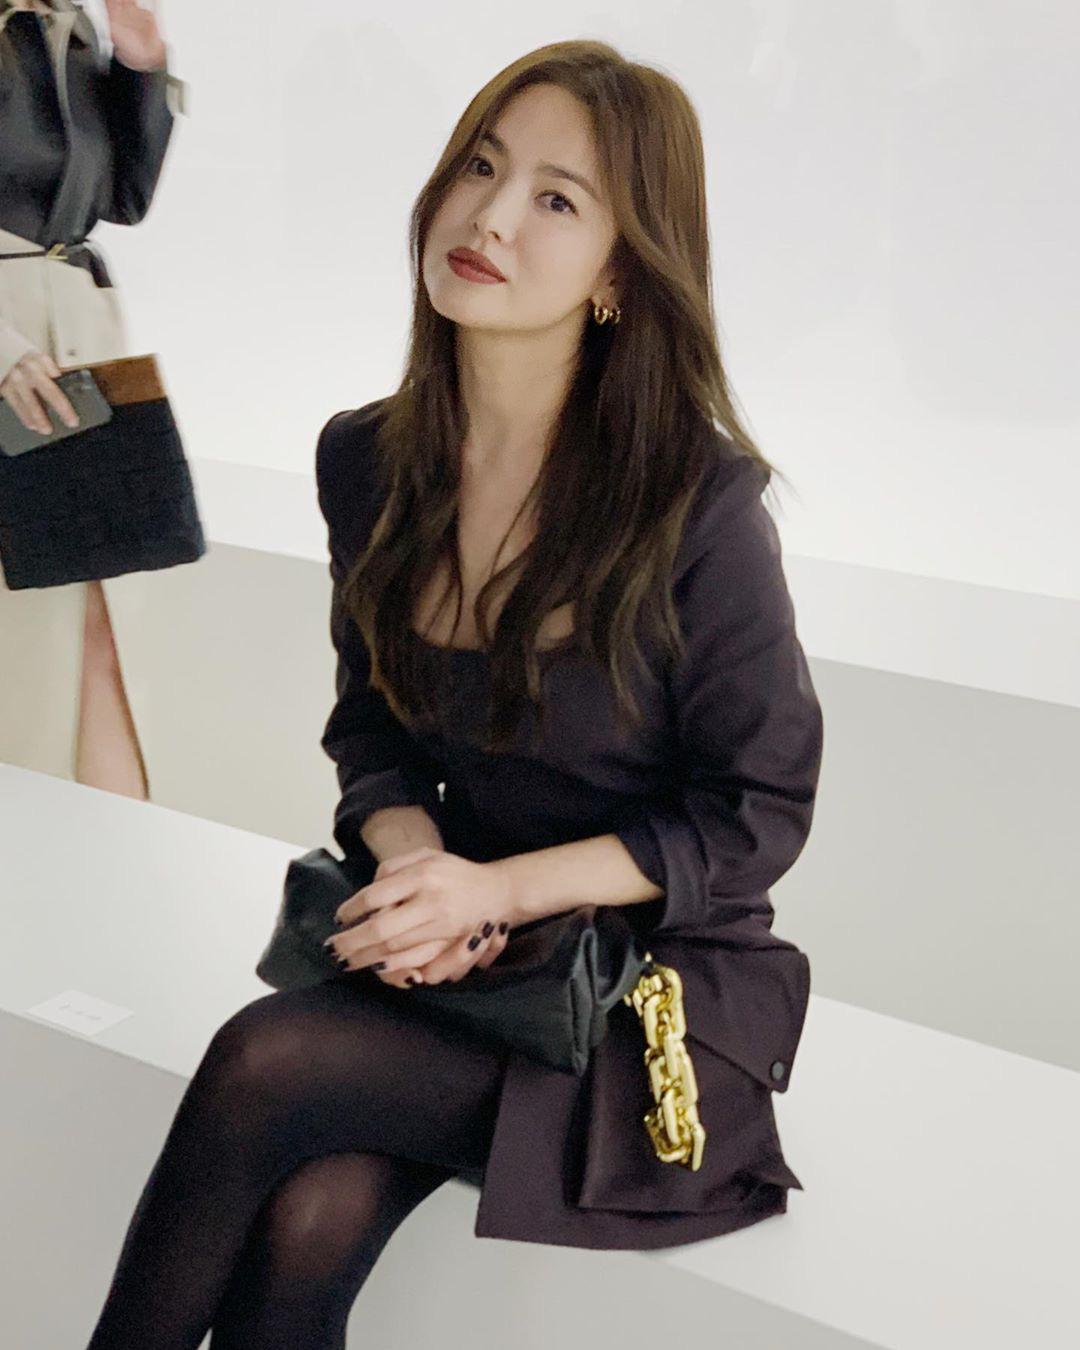 """Trong khi Song Joong Ki ngày càng """"bụi phủi"""" thì ra đây mà xem """"chị đại"""" Song Hye Kyo gây náo loạn trời Tây với thần thái đỉnh cao này - Ảnh 5."""